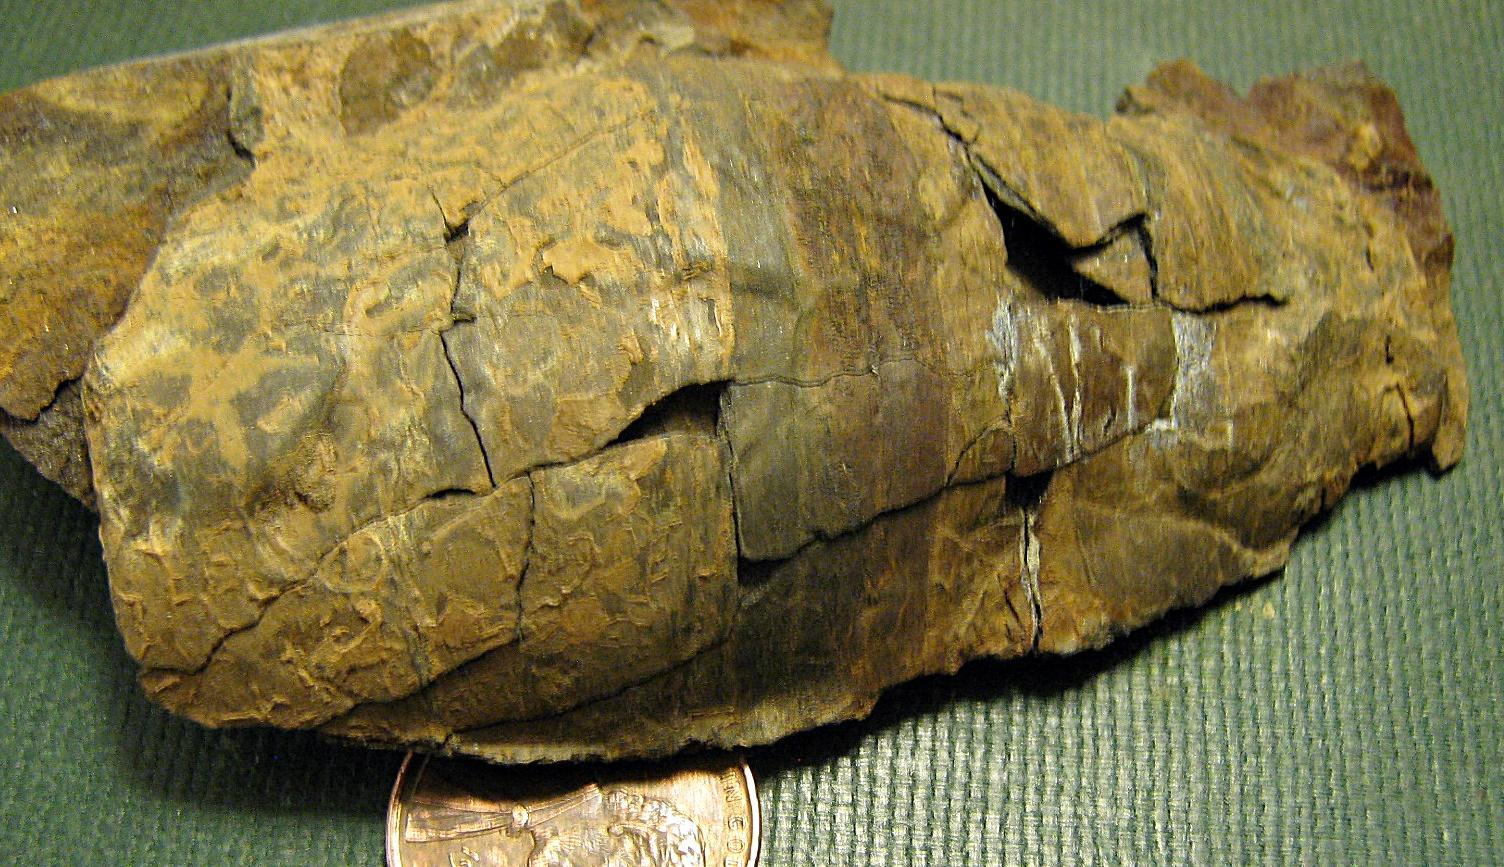 Devonian Nautiloid from Kingston, NY